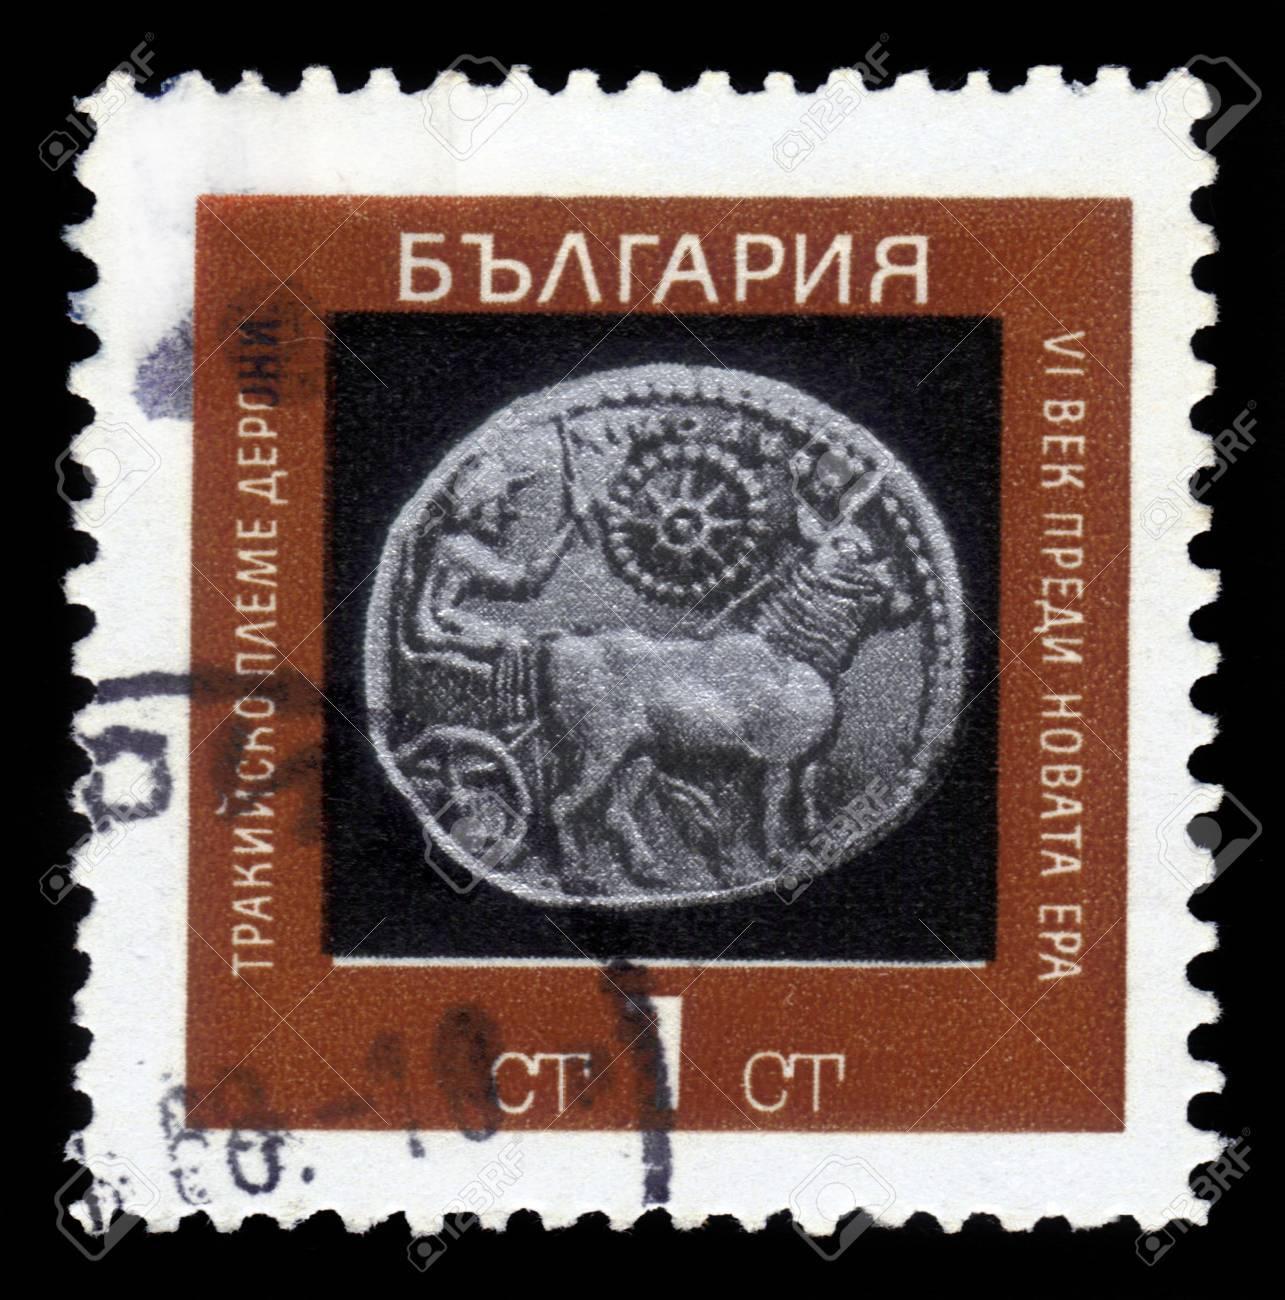 ブルガリア - 1967 年: ブルガリ...